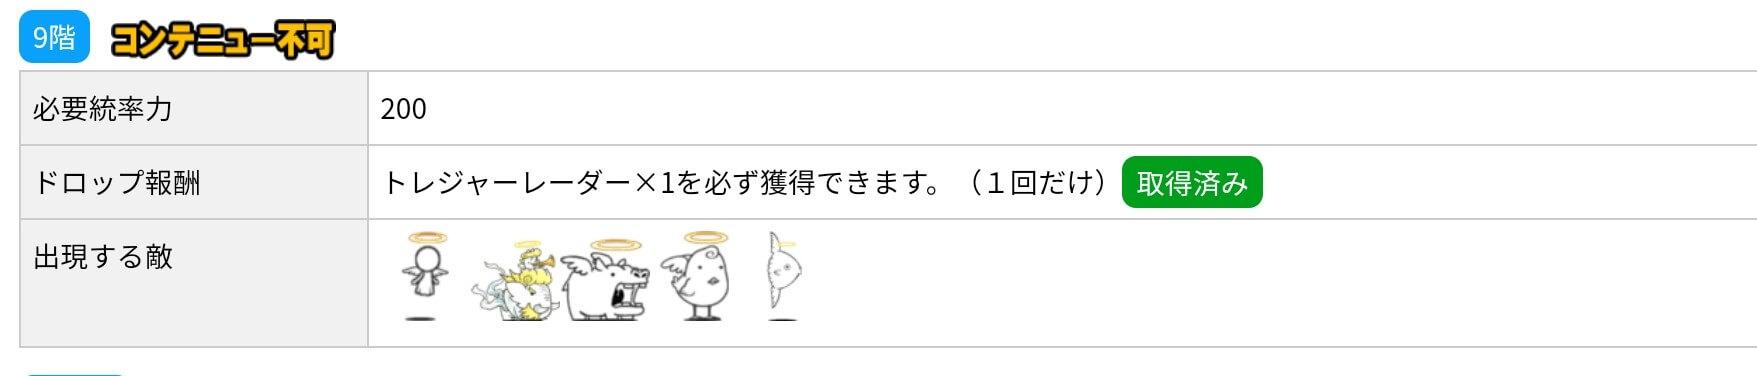 にゃんこ別塔(天)9階 敵編成